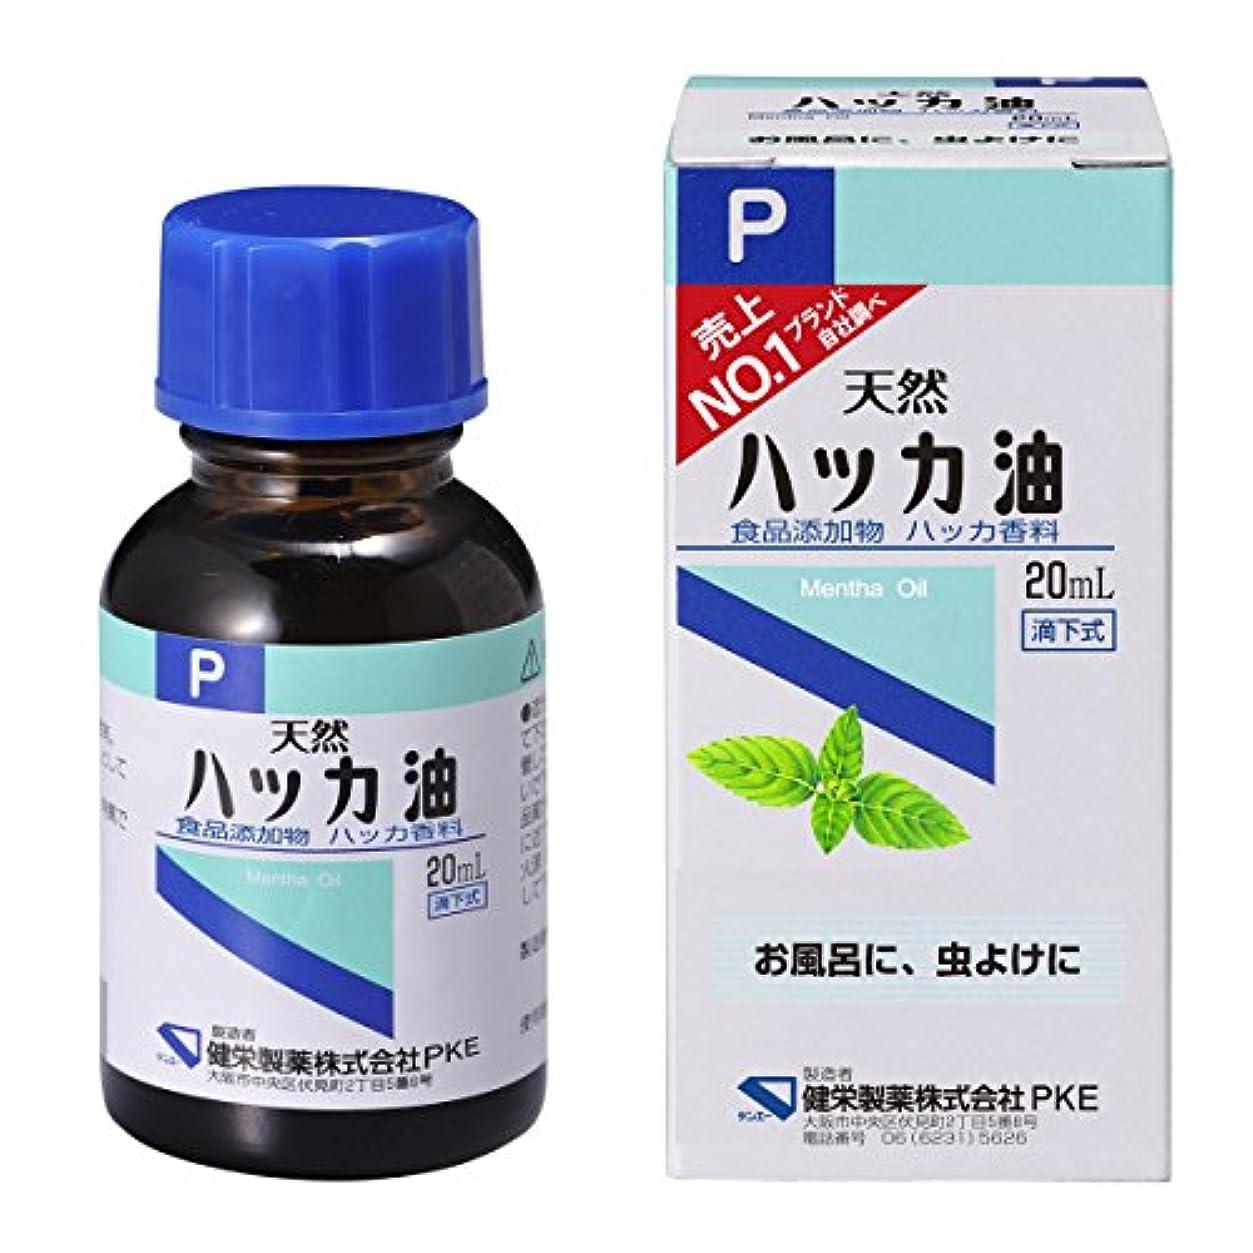 苦味申込み食べる【食品添加物】ハッカ油P 20ml(アロマ?お風呂?虫よけ)